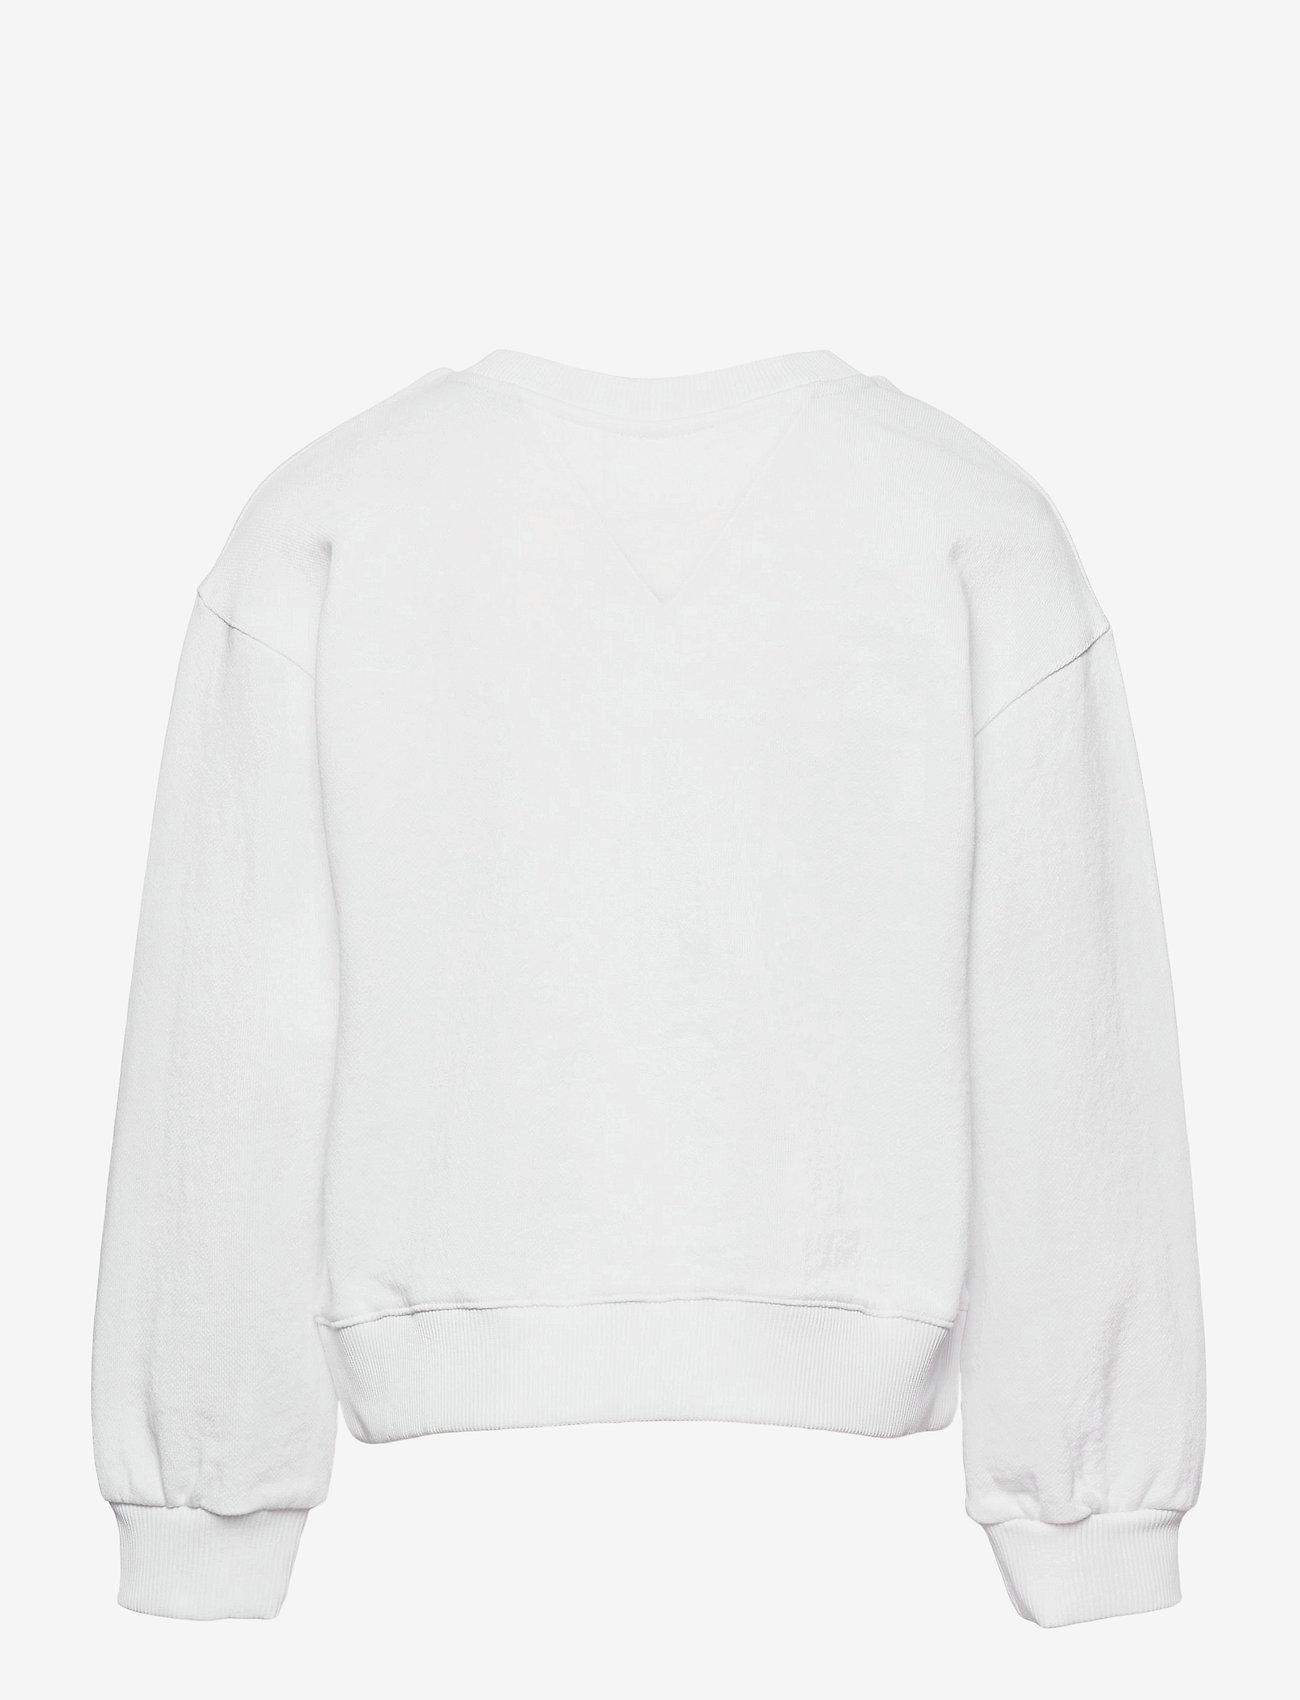 Tommy Hilfiger - ESSENTIAL SWEATSHIRT - sweatshirts - white - 1